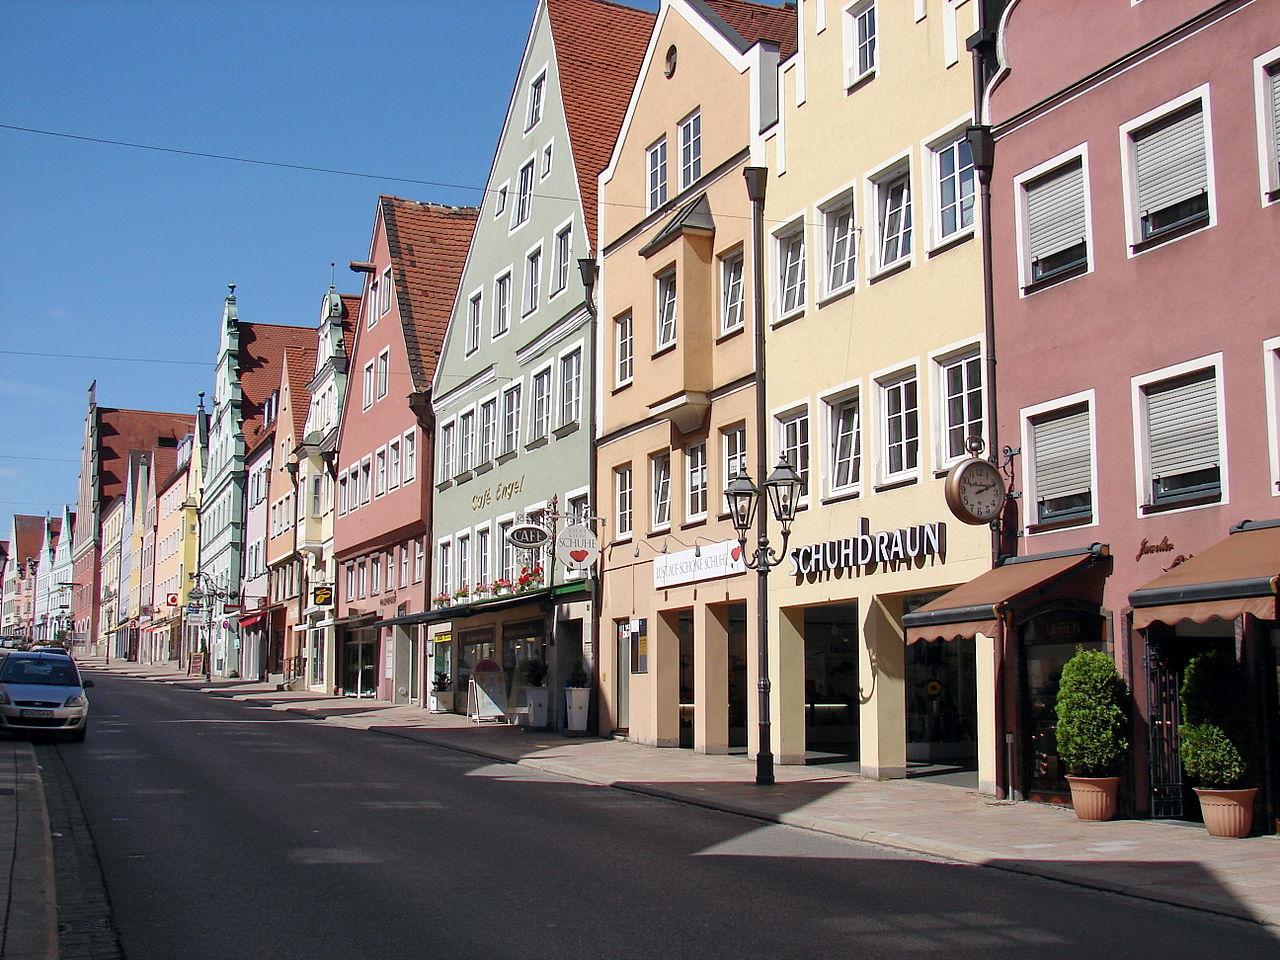 Донаувёрт, Германия: интересные достопримечательности и лучшие места для отдыха, хорошие рестораны, советы туристов